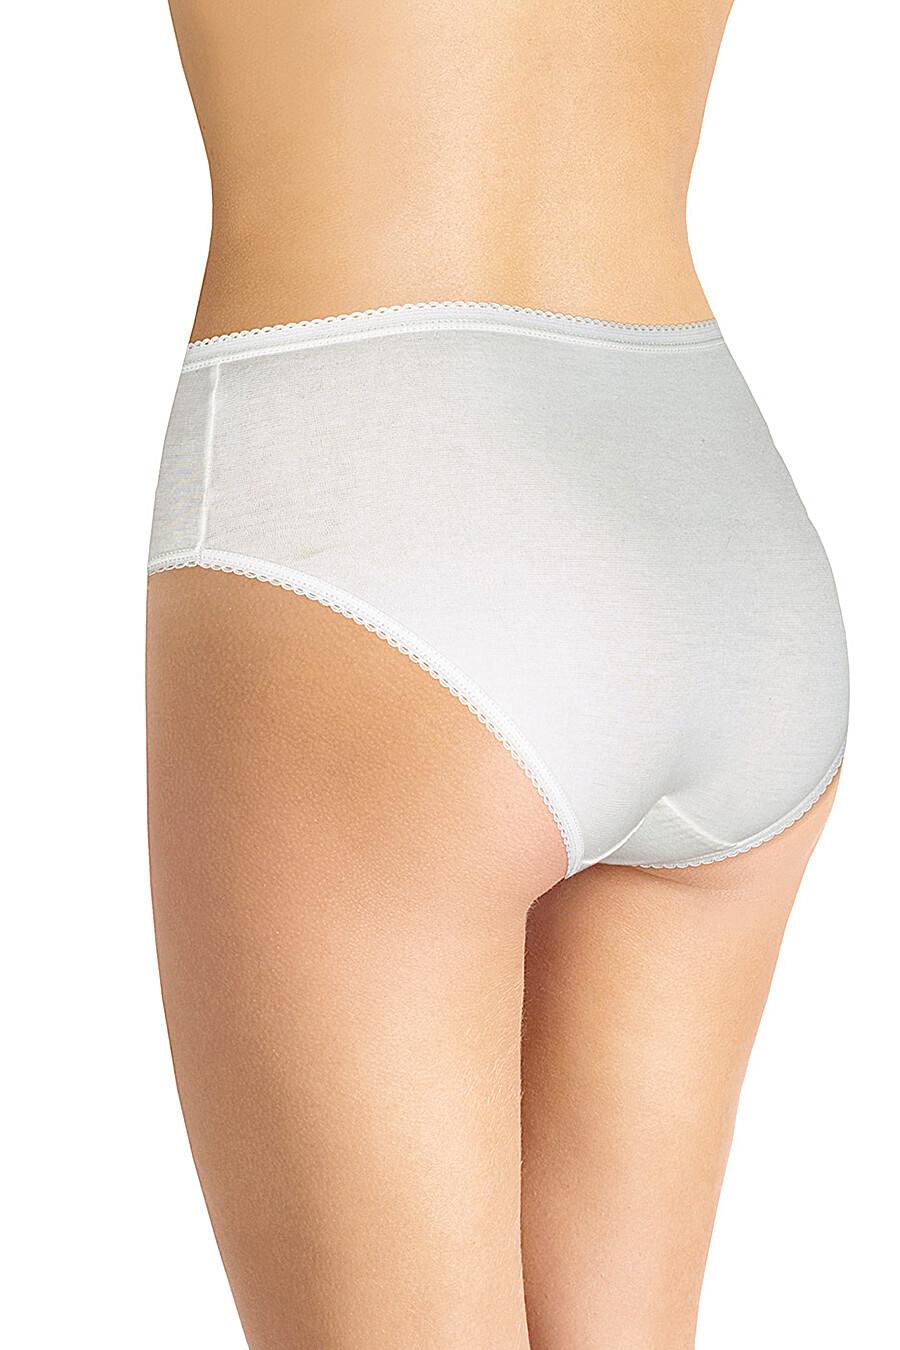 Трусы для женщин CLEVER 158828 купить оптом от производителя. Совместная покупка женской одежды в OptMoyo